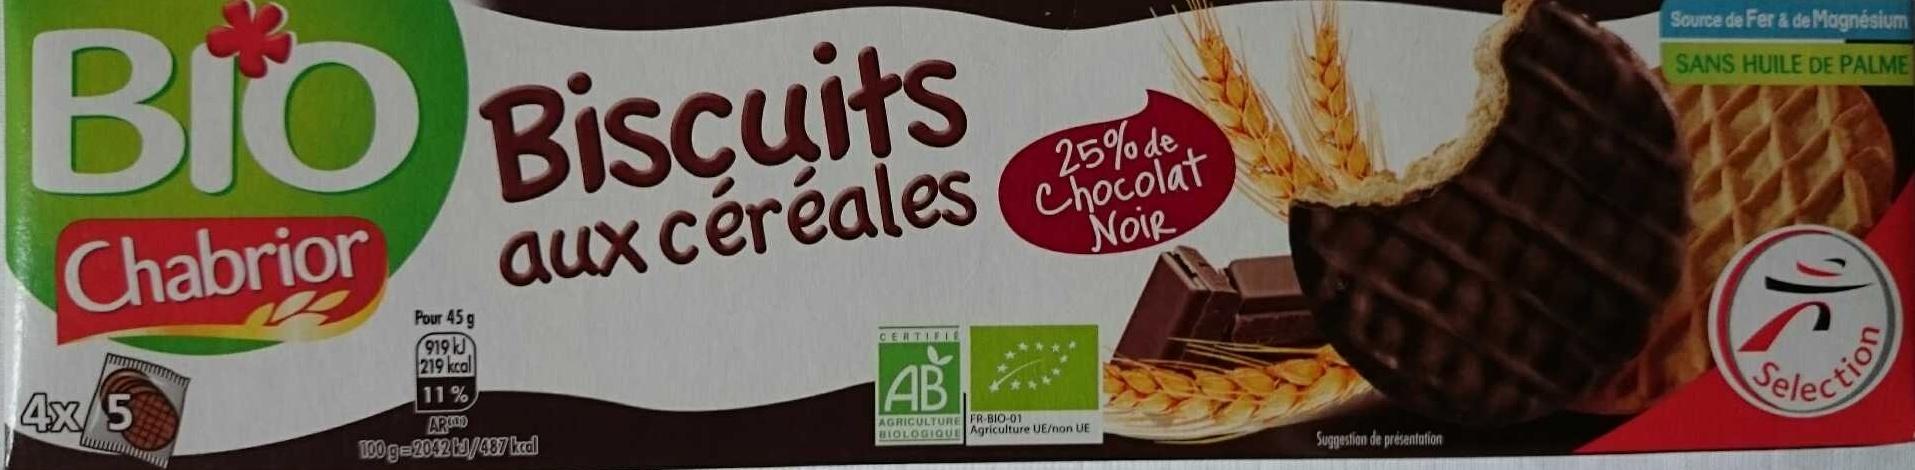 Biscuits aux céréales (25 % de Chocolat Noir) - Product - fr